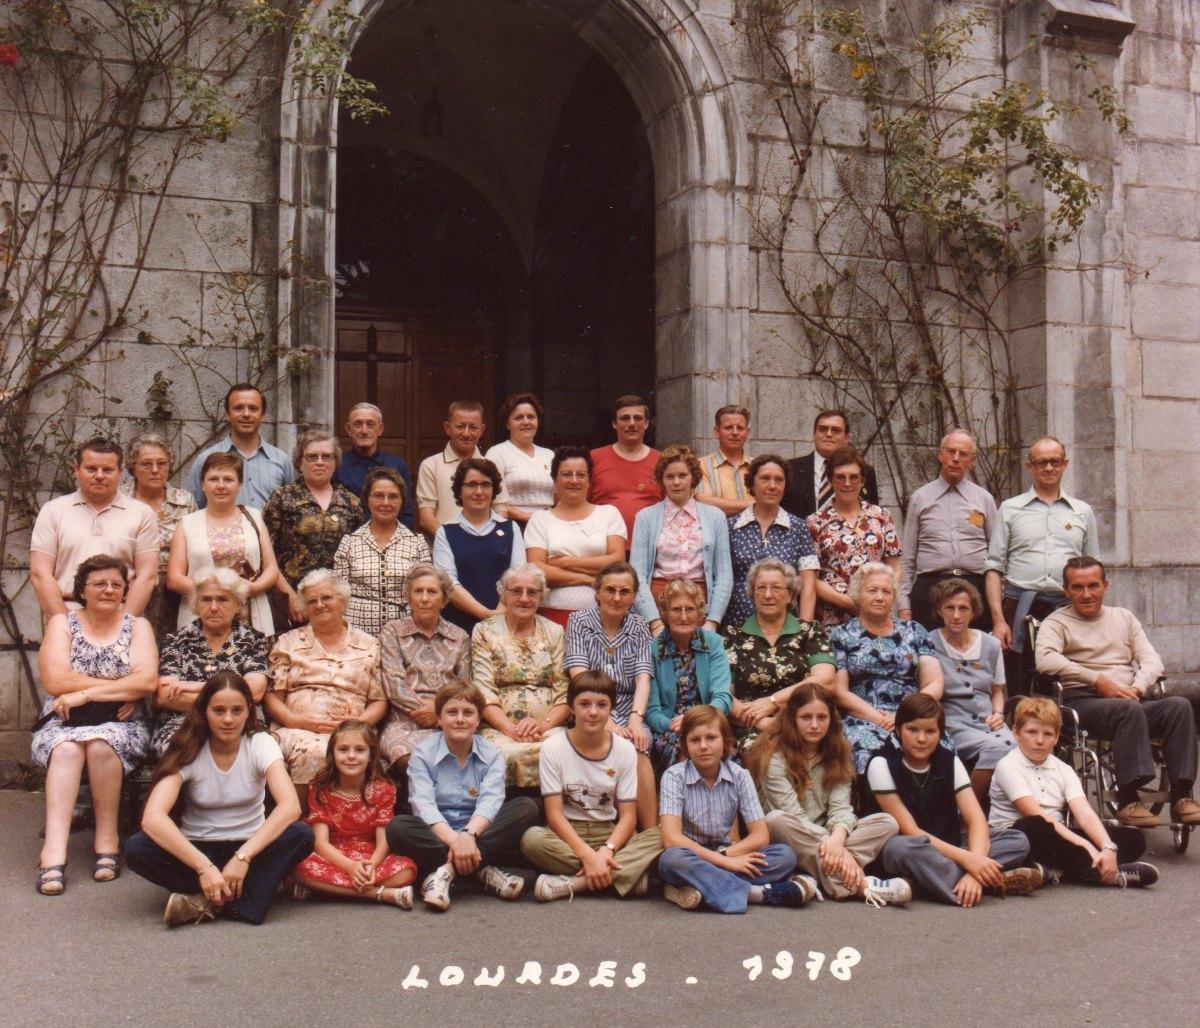 Pélerins et hospitaliers paroisse de Râches lourdes 1978